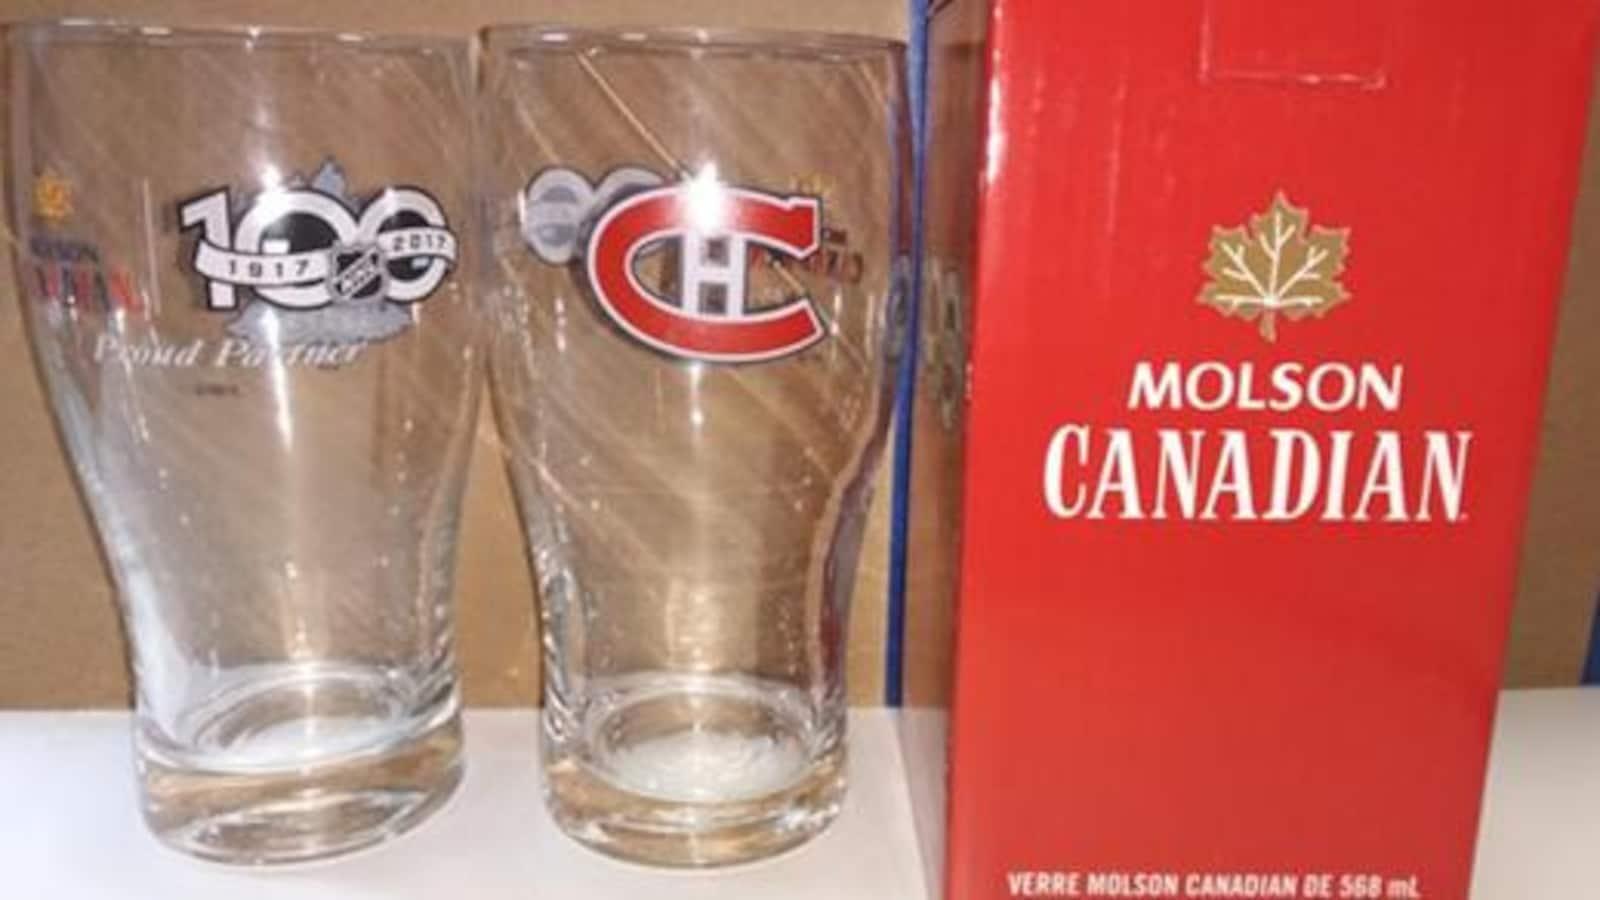 Le rappel implique des verres de 568 ml avec le logo Molson Canadian et celui du centenaire de la LNH (1917-2017).